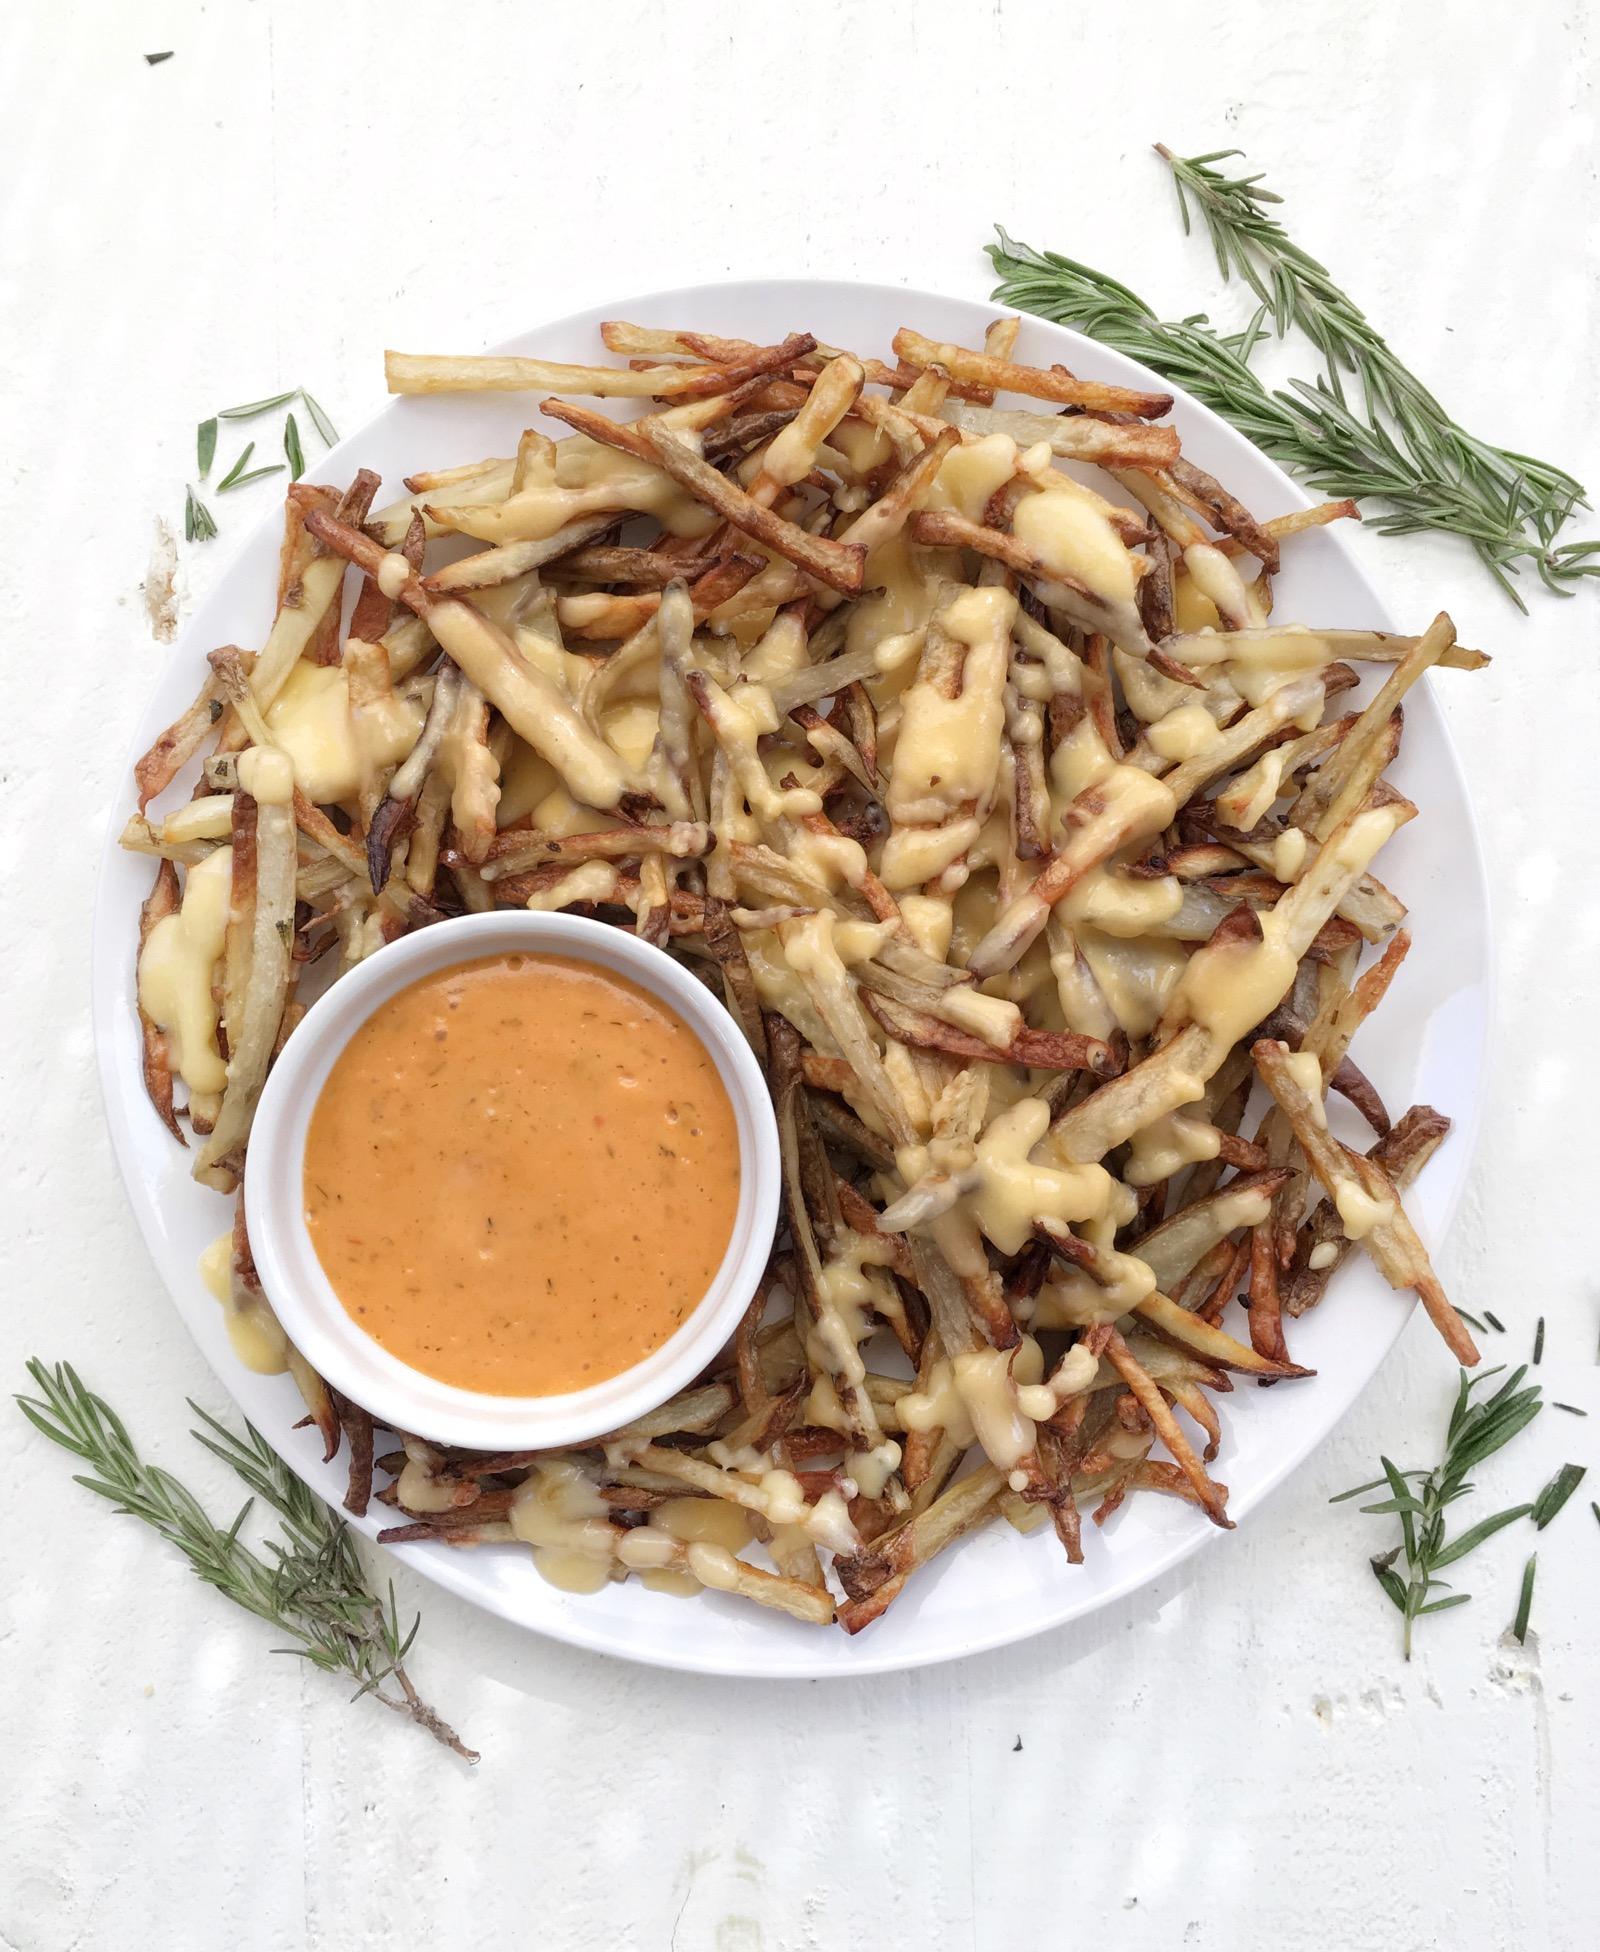 Homemade Rosemary Cheese Fries Recipe